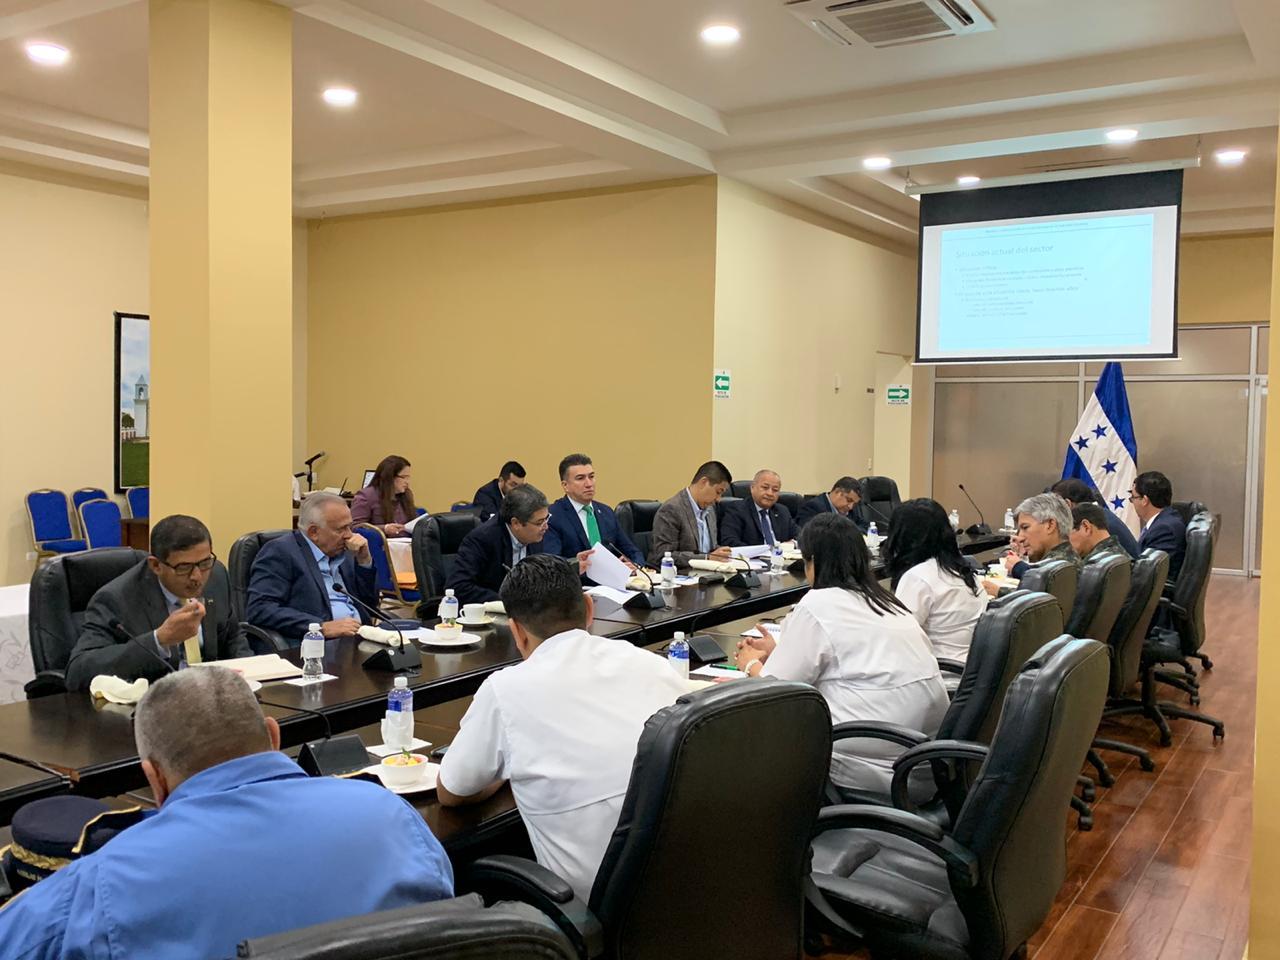 Mandatario de Honduras se reune con  el Consejo Nacional de Defensa y Seguridad para la implementacion de la Ley del sector Energético